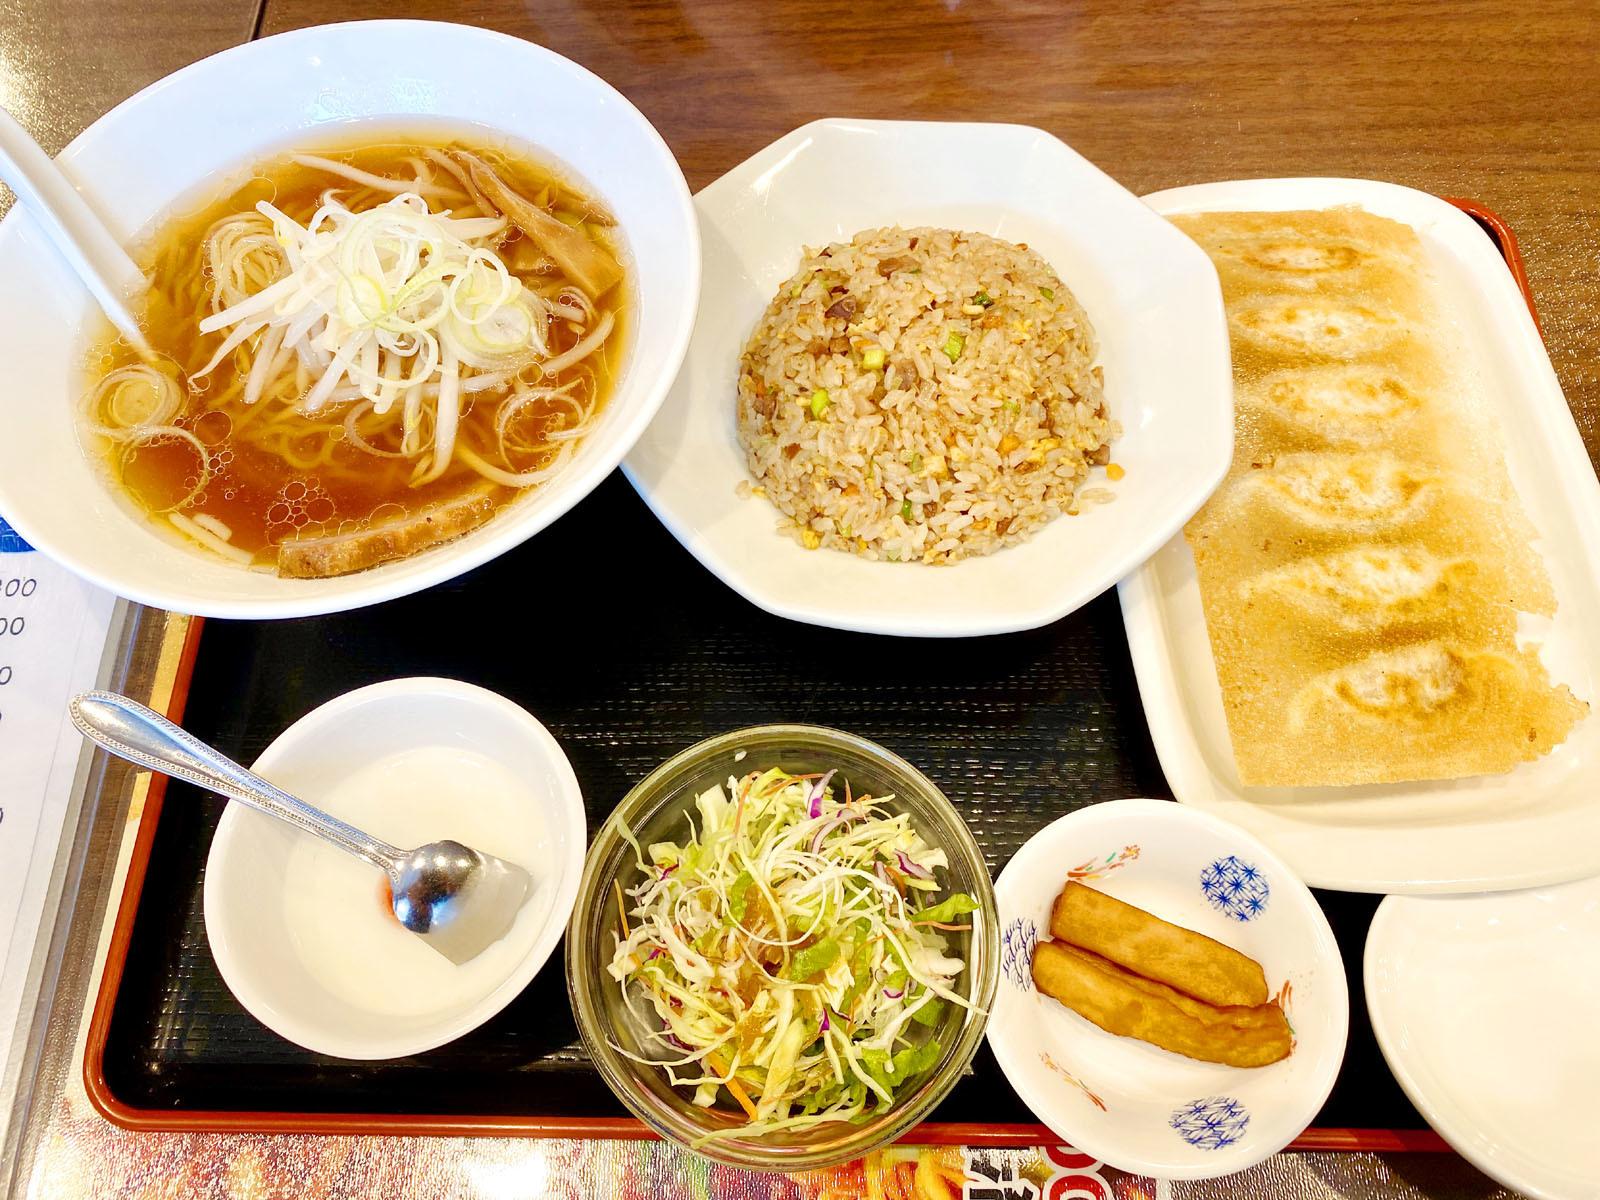 ラーメン・炒飯・焼き餃子 1050円